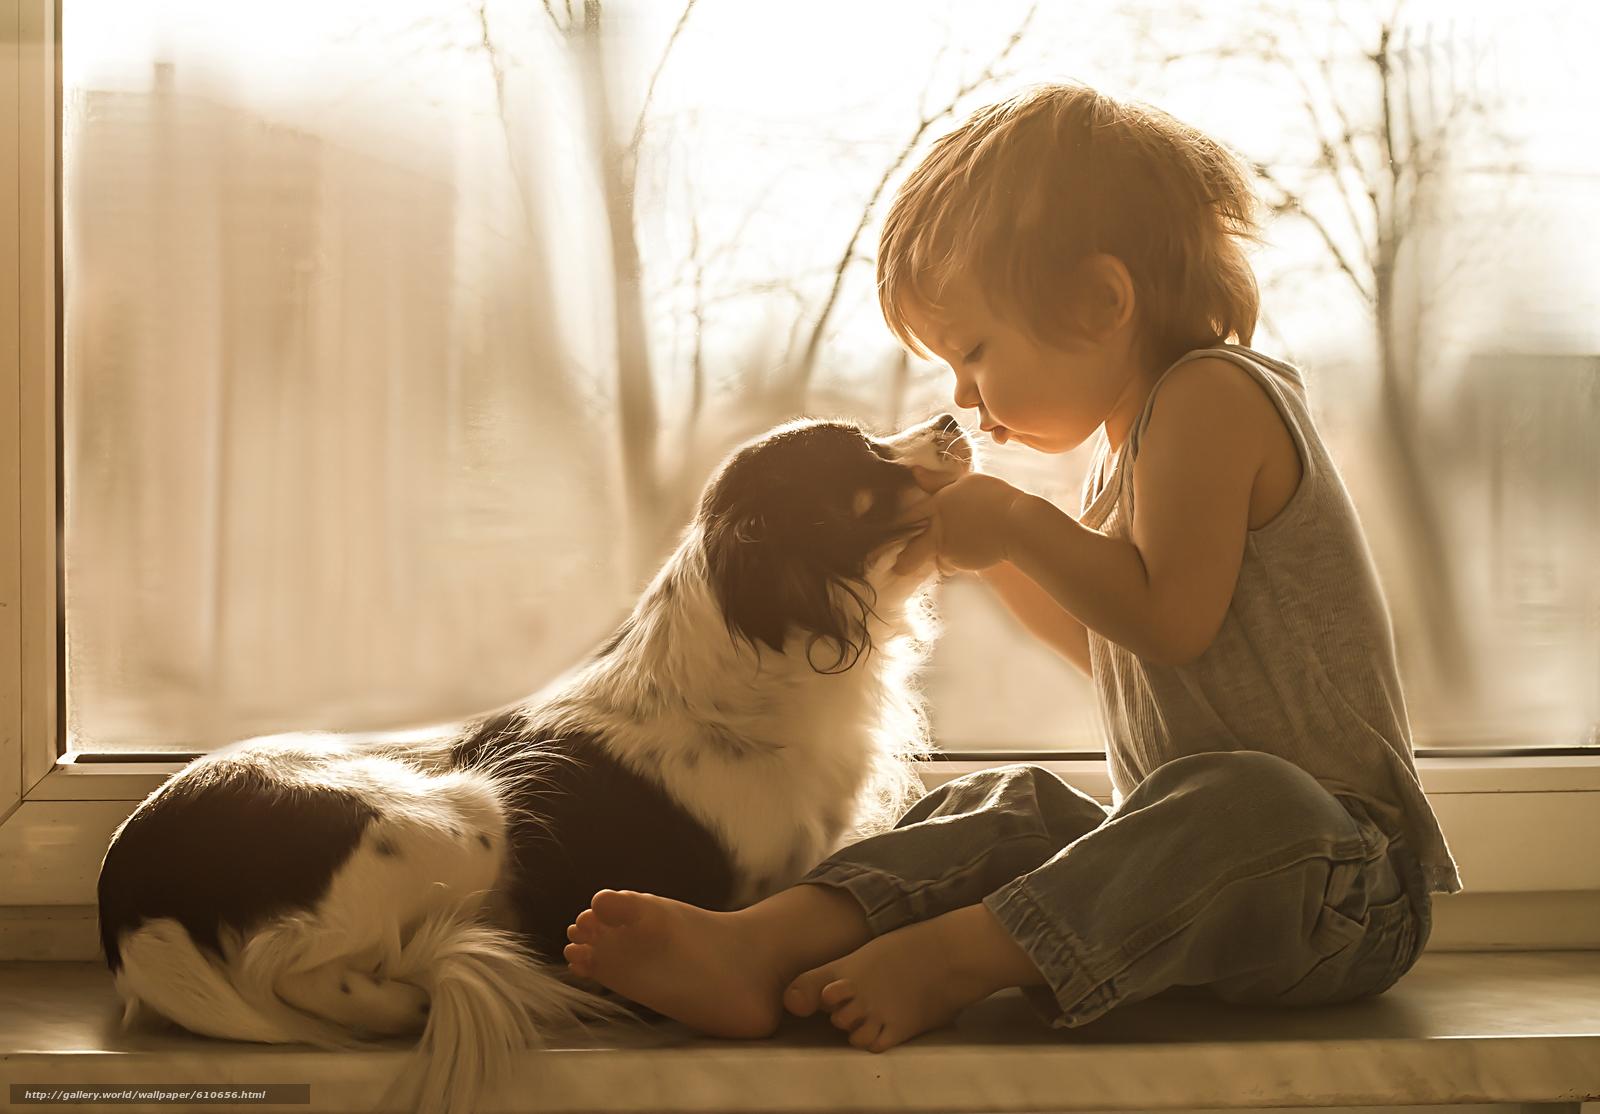 Скачать обои мальчик,  собака,  друзья,  окно бесплатно для рабочего стола в разрешении 3580x2492 — картинка №610656